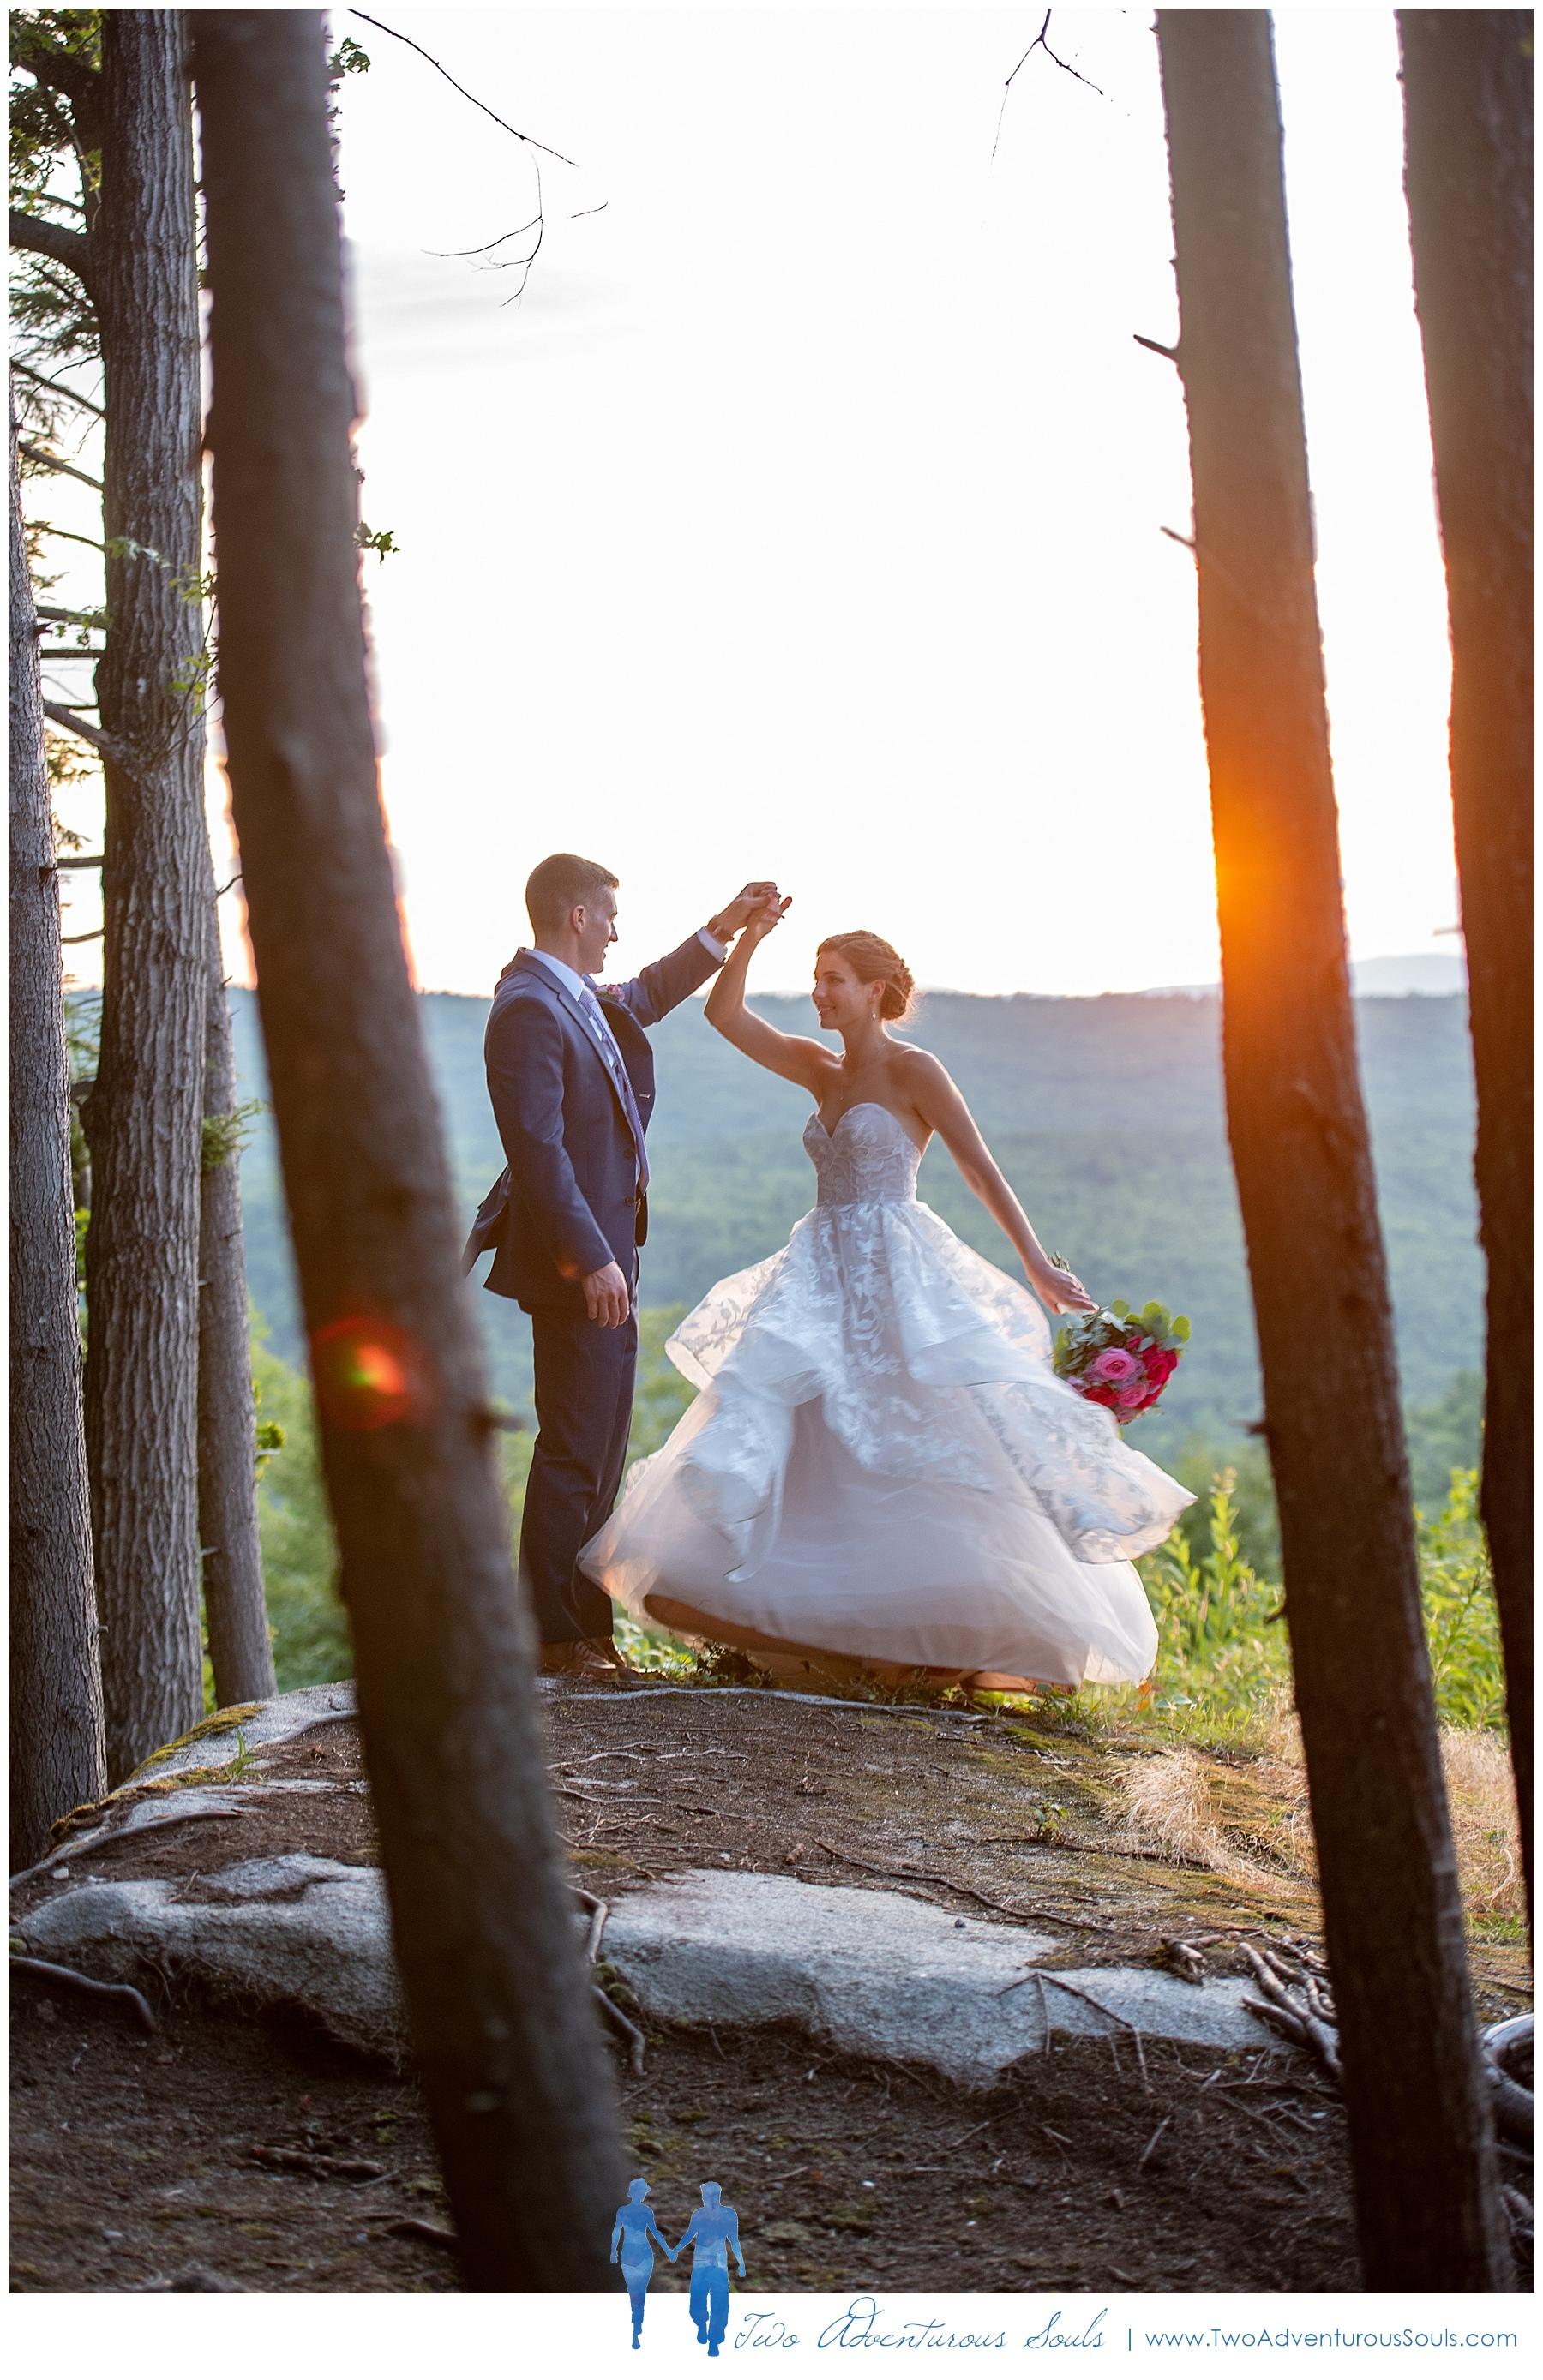 Maine Wedding Photographers, Granite Ridge Estate Wedding Photographers, Two Adventurous Souls - 080319_0064.jpg